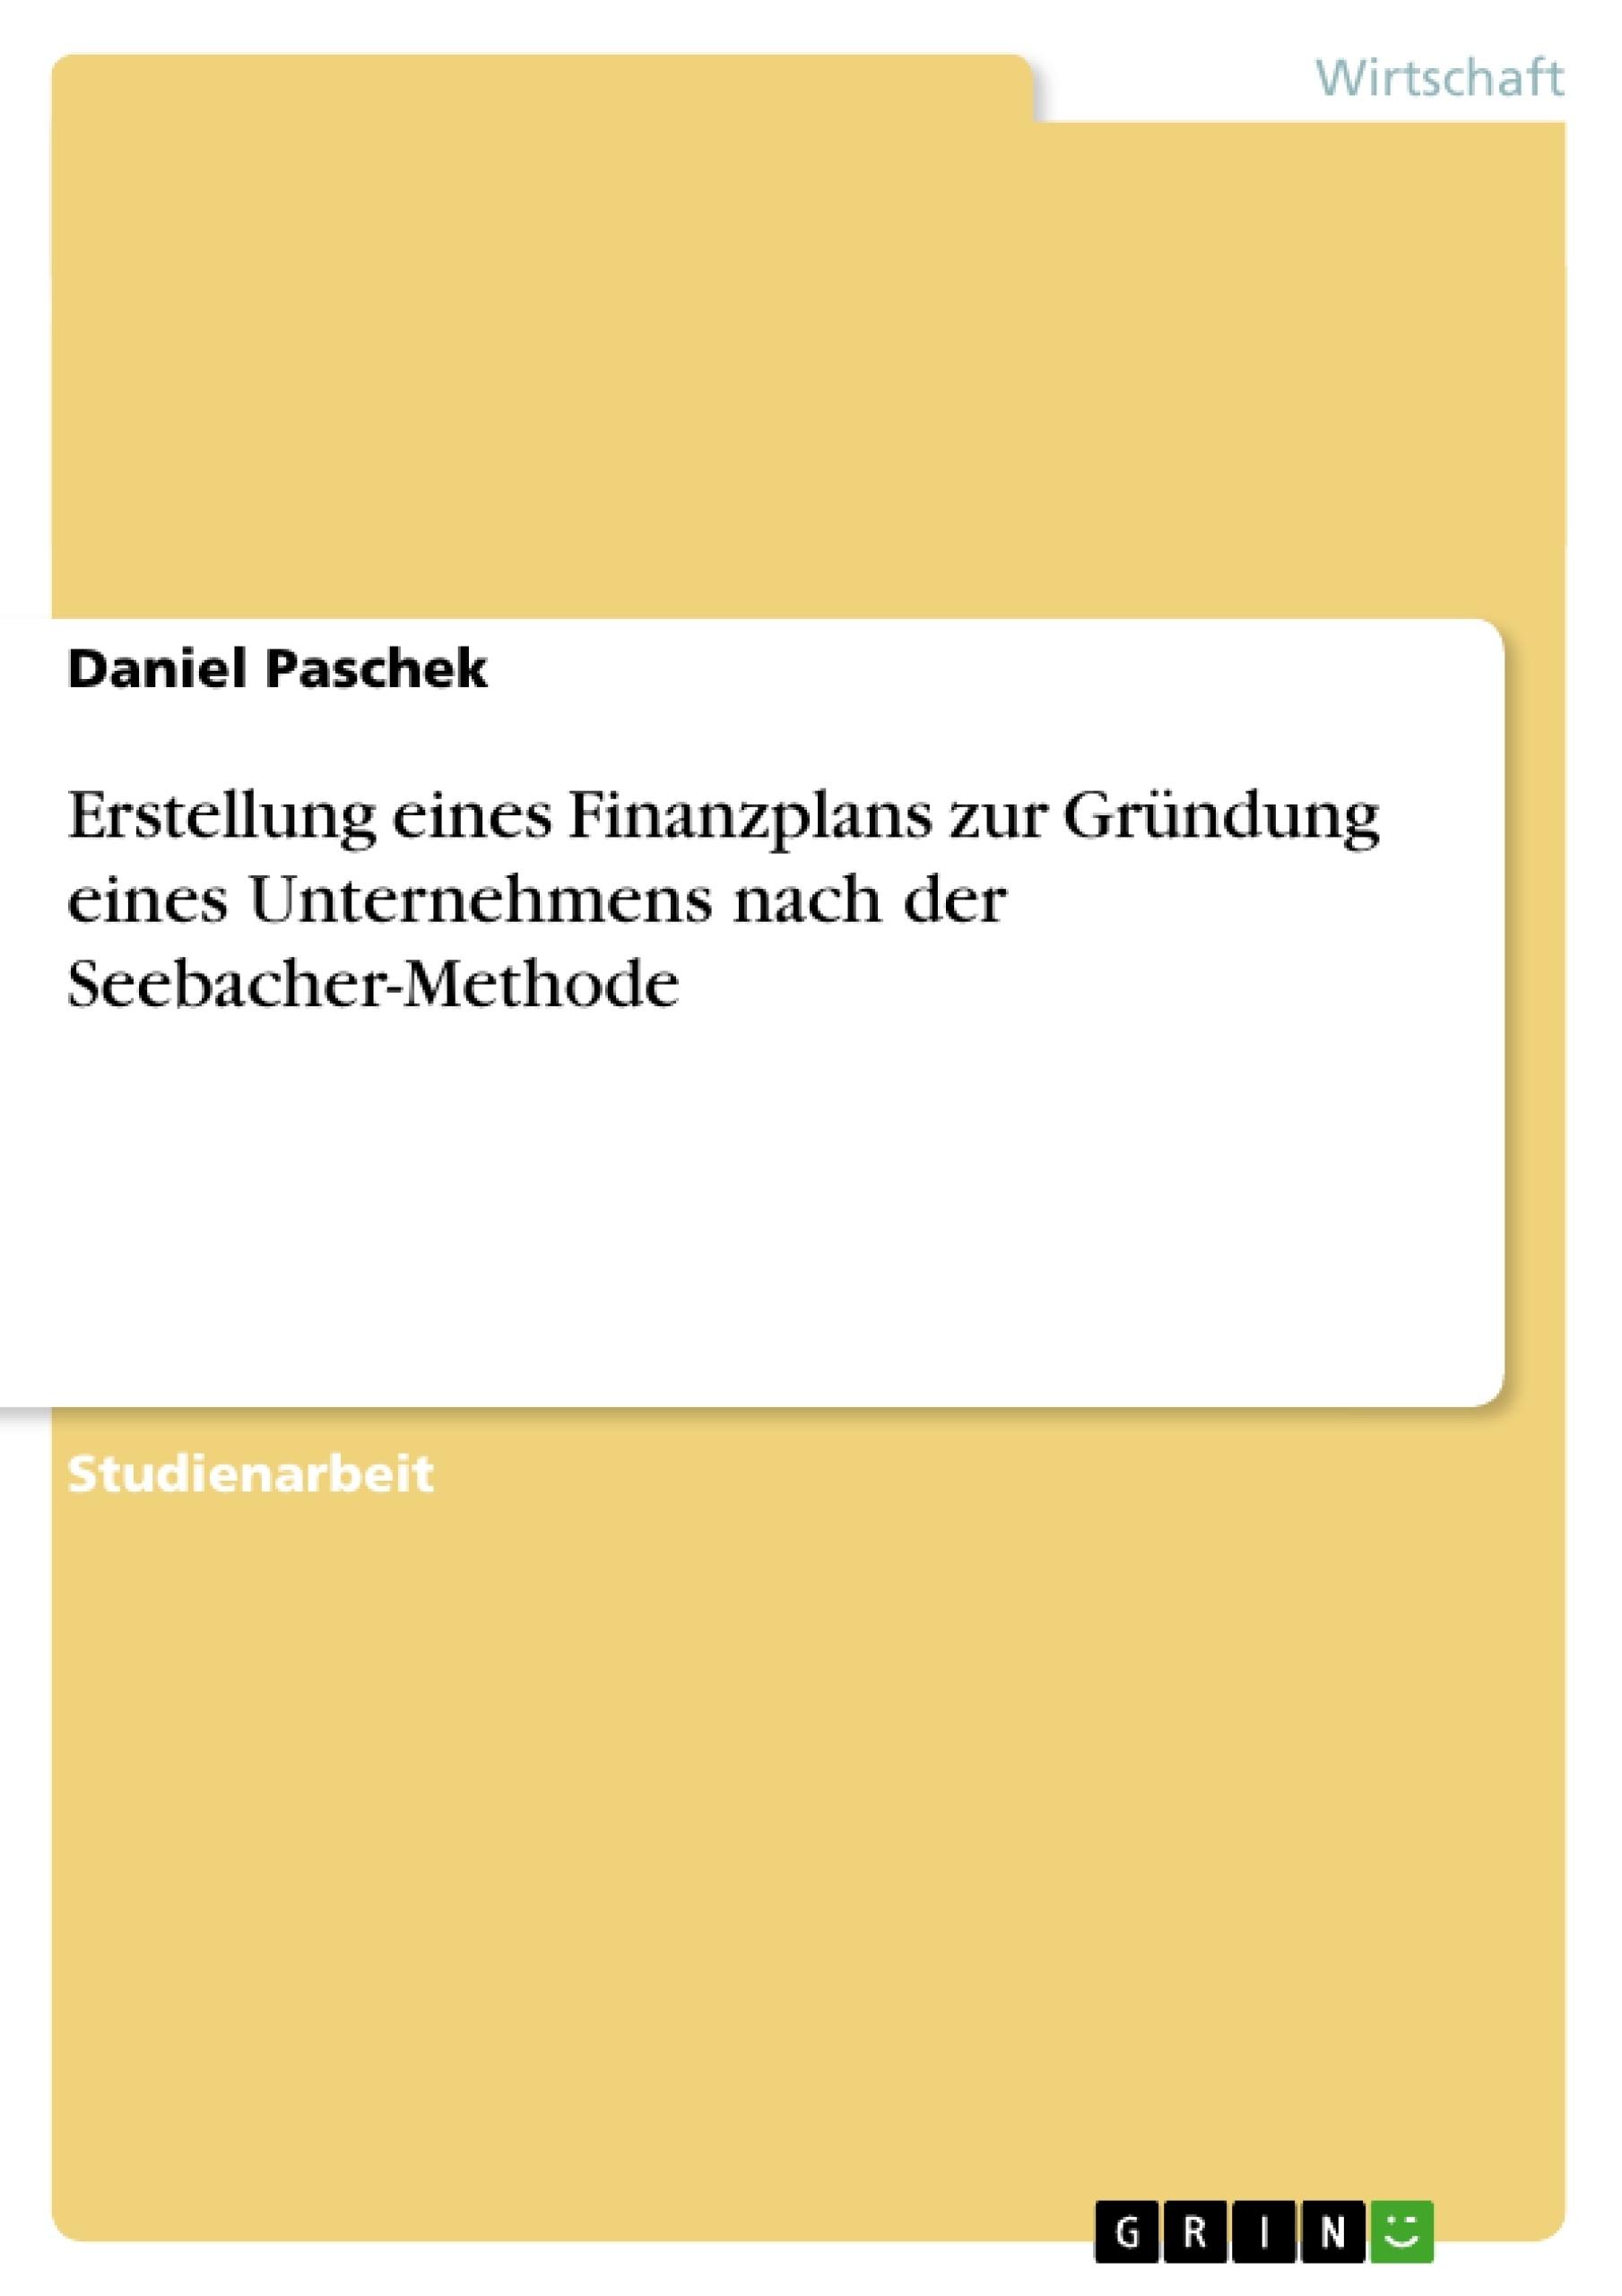 Titel: Erstellung eines Finanzplans zur Gründung eines Unternehmens nach der Seebacher-Methode